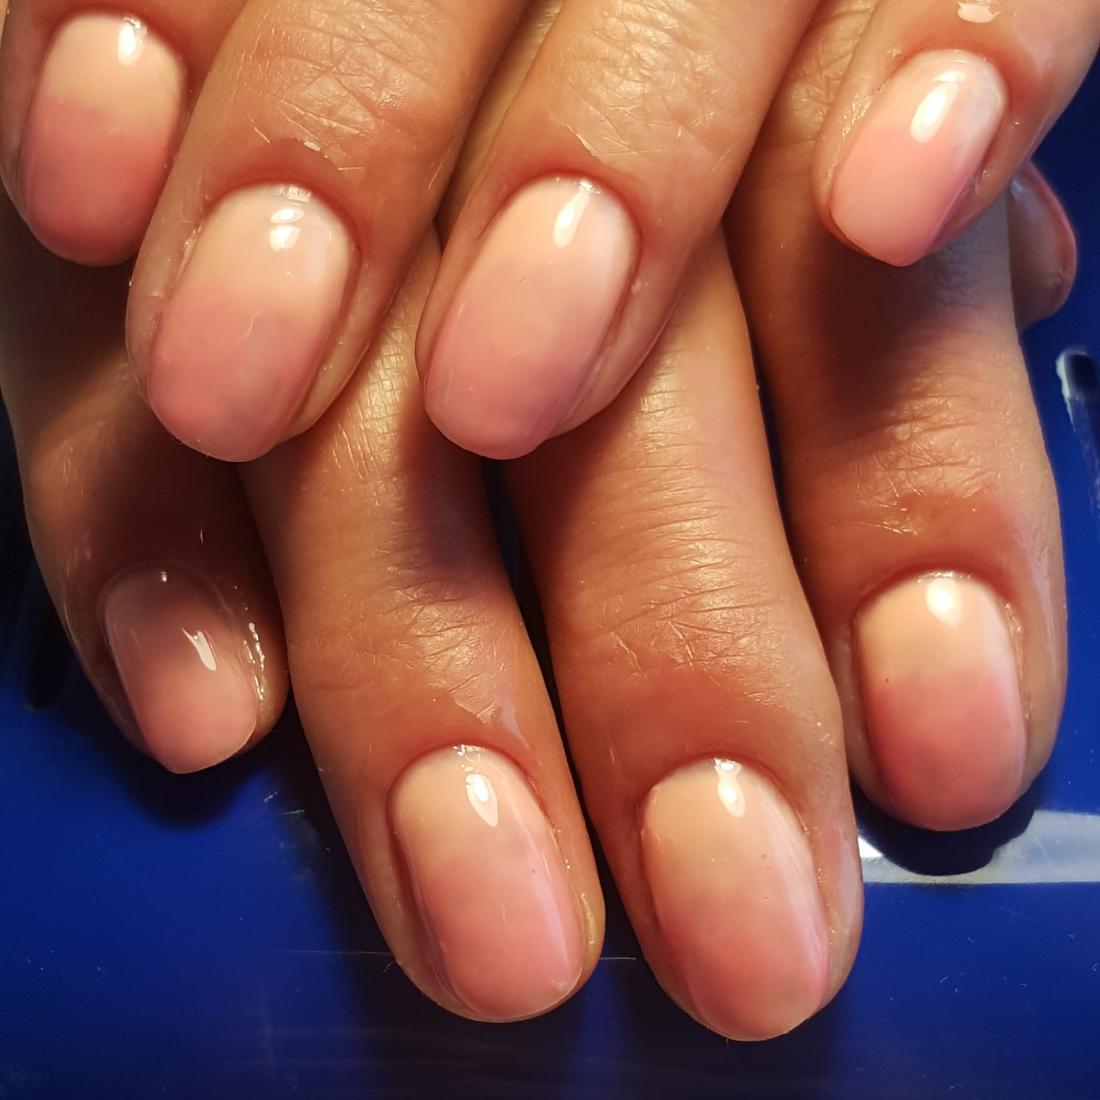 Маникюр/педикюр + долговременное покрытие, наращивание, коррекция, покрытие ногтей лаком от 4 руб.